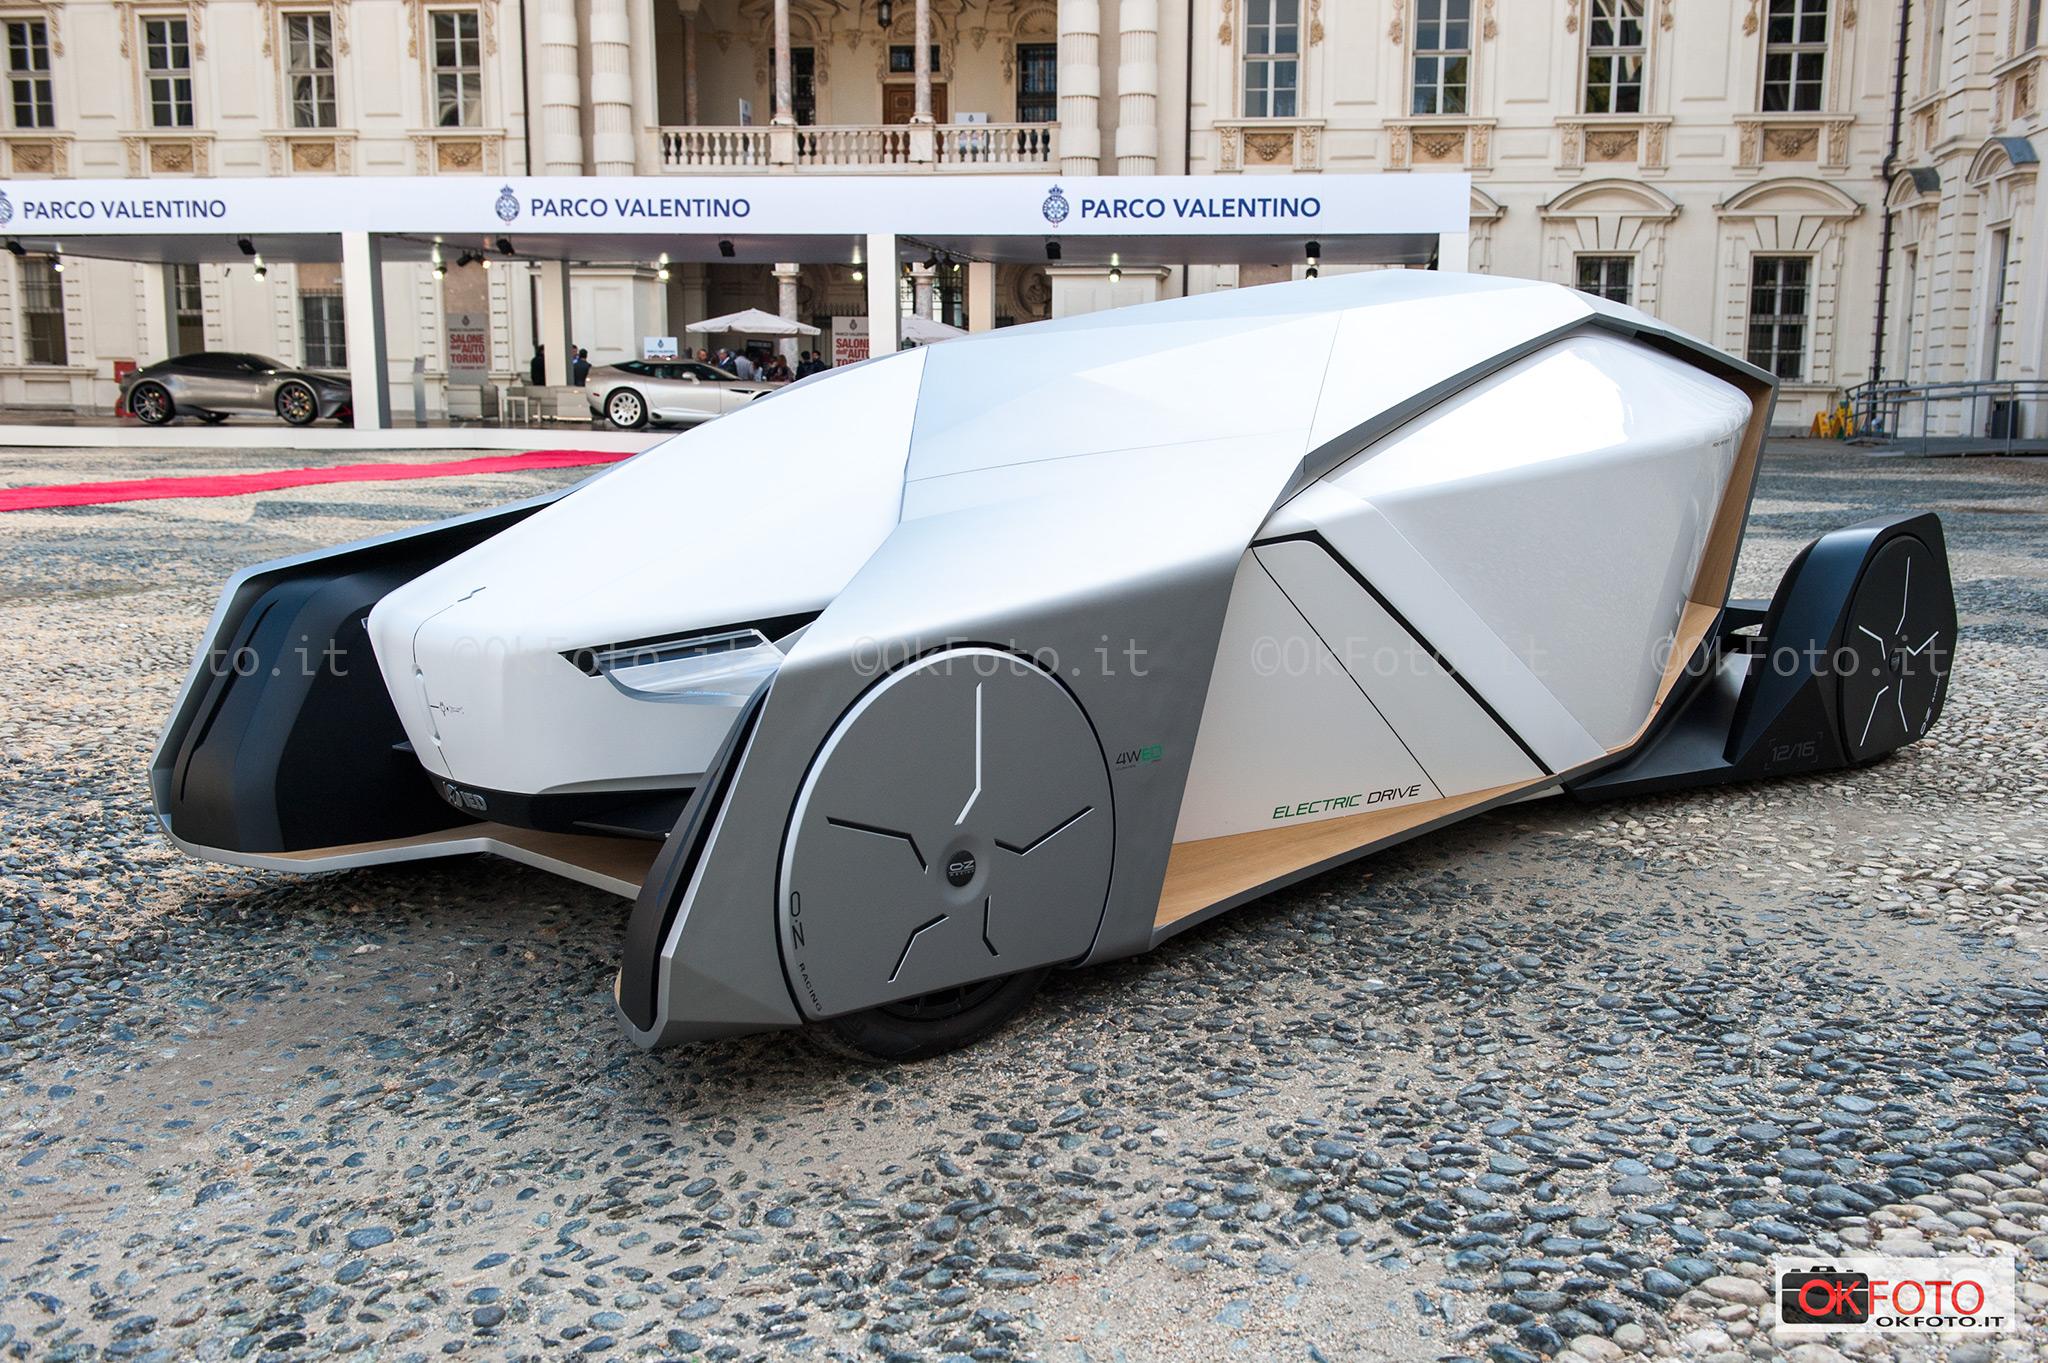 il nuovo format dello stand espostivo di Parco Valentino e un prototipo IED